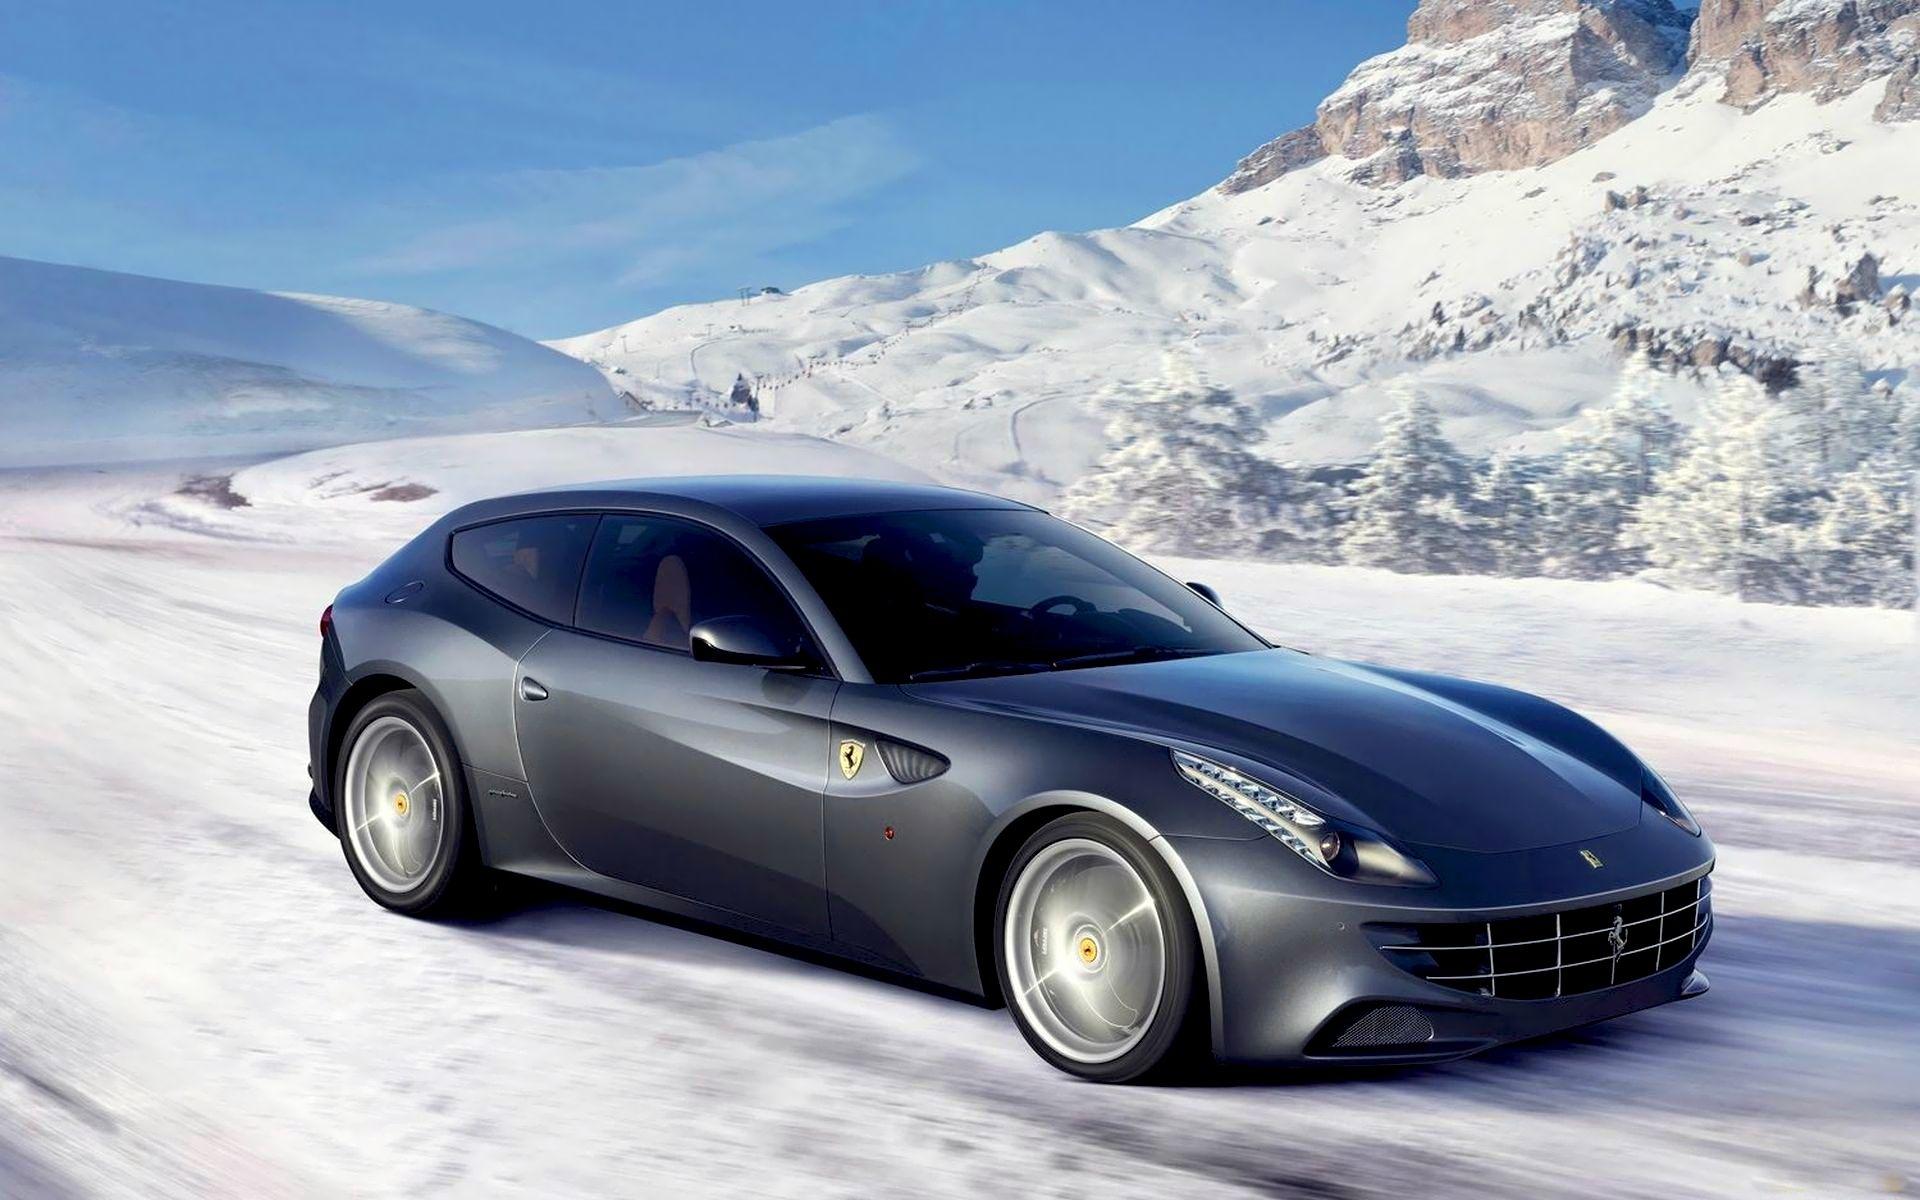 46437 скачать обои Транспорт, Пейзаж, Машины, Зима, Горы, Снег, Феррари (Ferrari) - заставки и картинки бесплатно